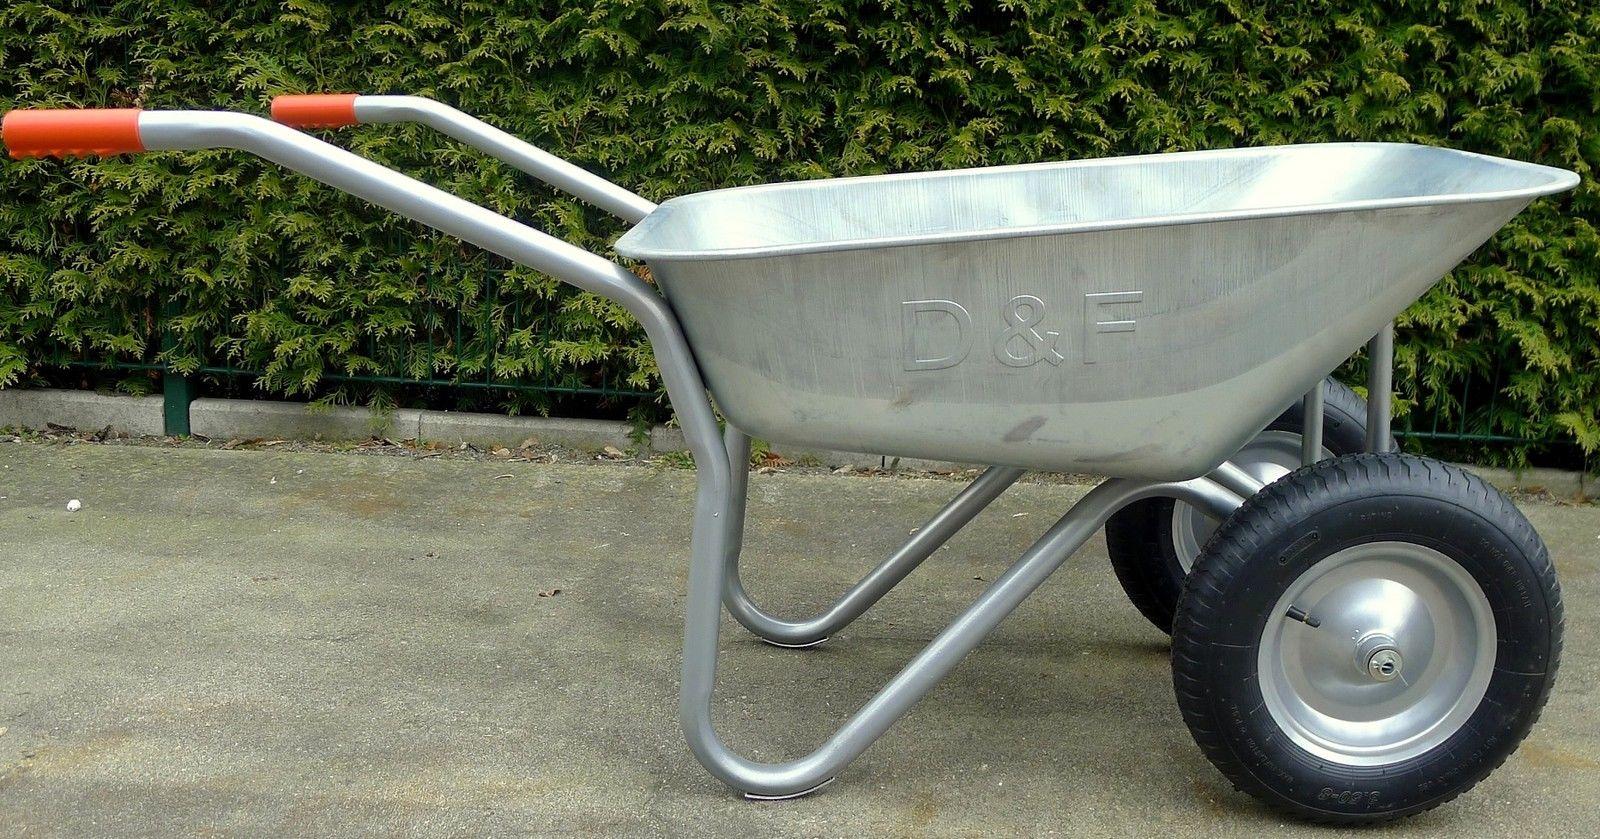 2 Rad Schubkarre,Verzinkt,120kg,für Bau,Garten und Stall,sehr Flach,Luftbereift